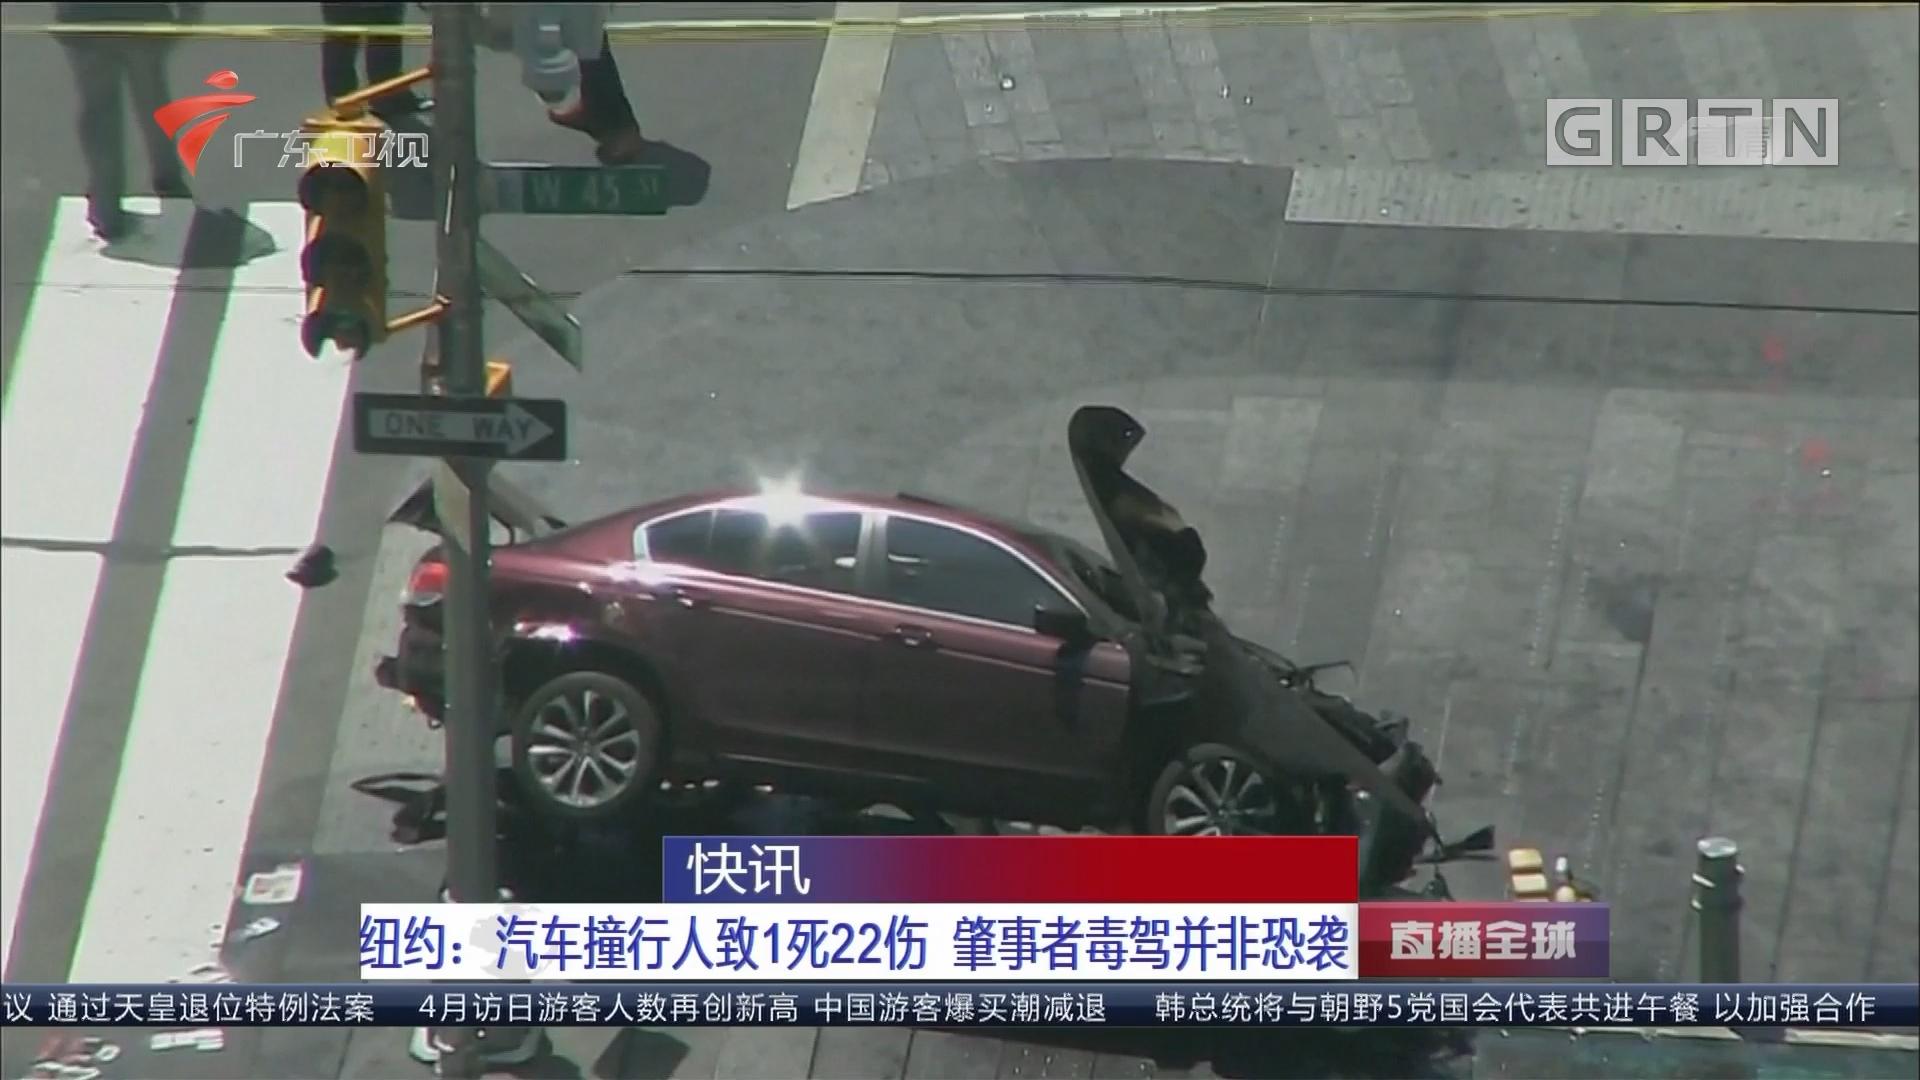 快讯 纽约:汽车撞行人致1死22伤 肇事者毒驾并非恐袭